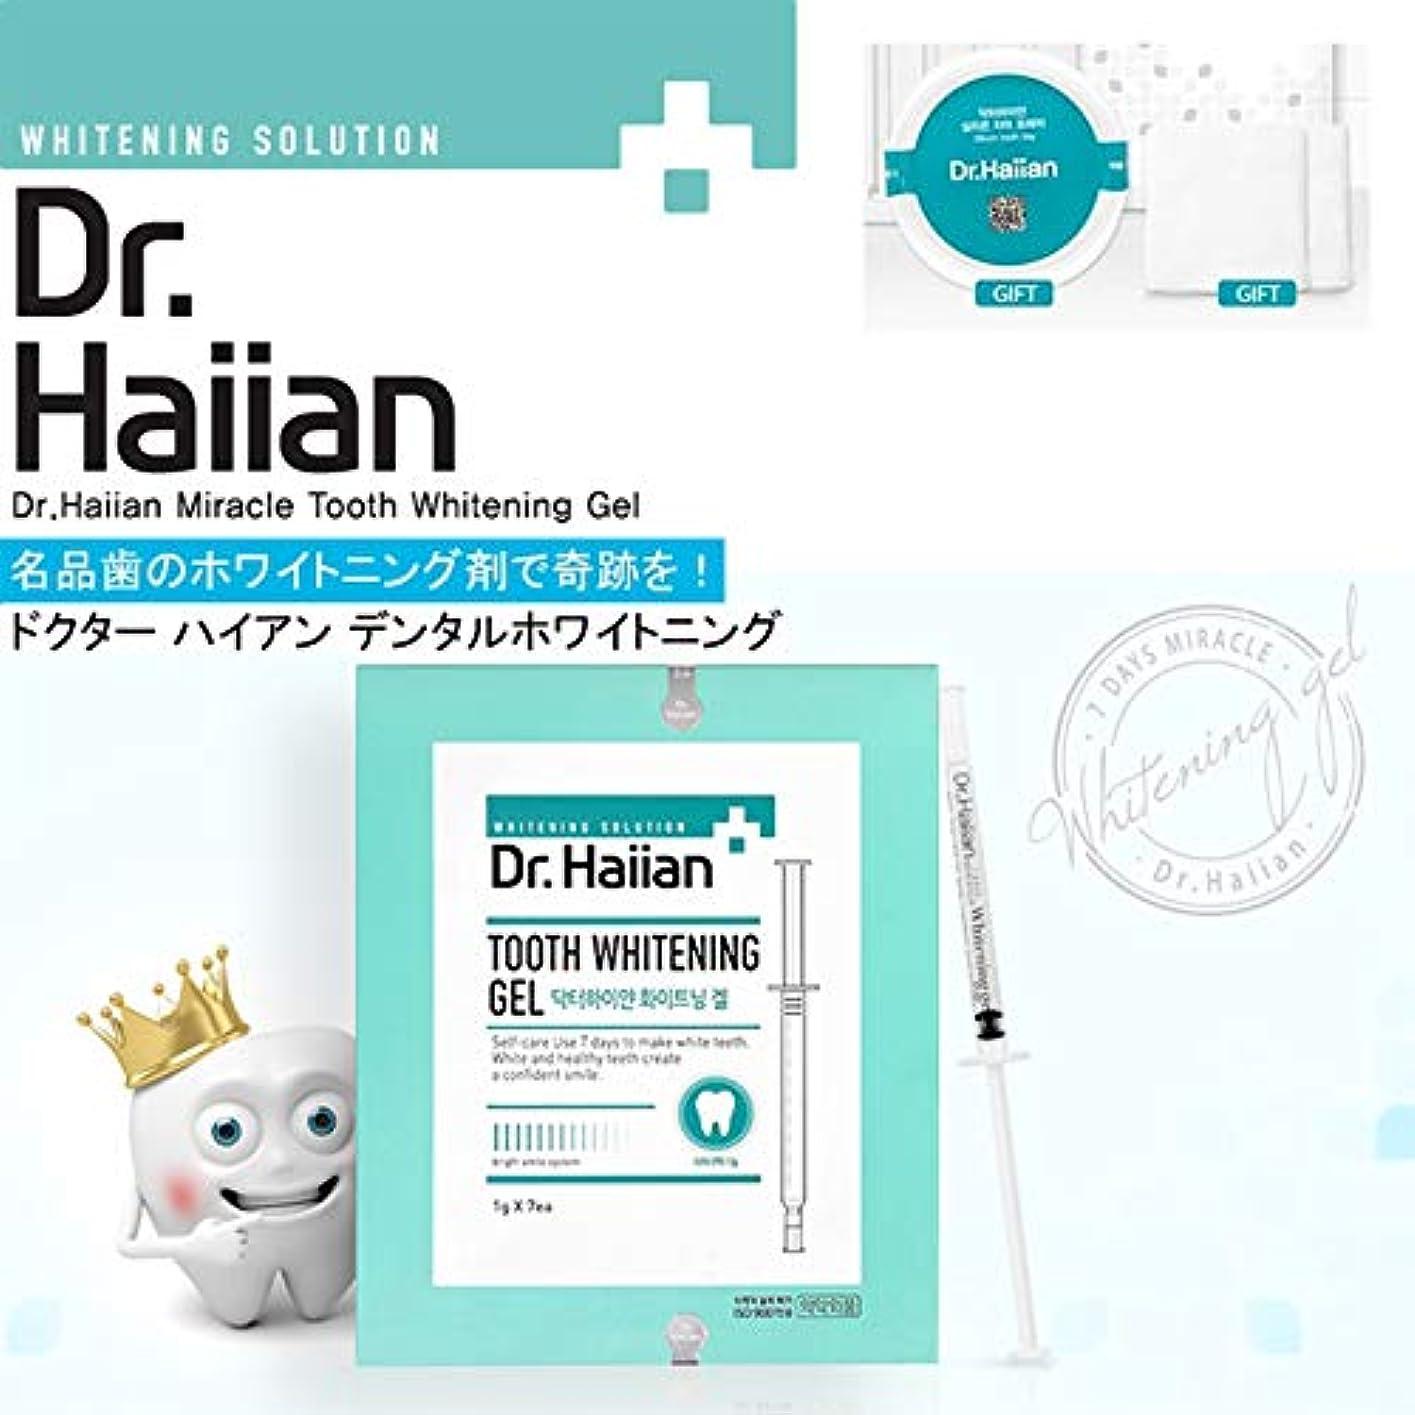 厚い引き出しメダル[SAMSUNG PHARM]Dr.Haiian 7Days Miracle/7日間の奇跡 [SAMSUNG PHARM]白い歯を管理するための/使ったら歯が白くなる!/Self-Teeth Whitening Agent...